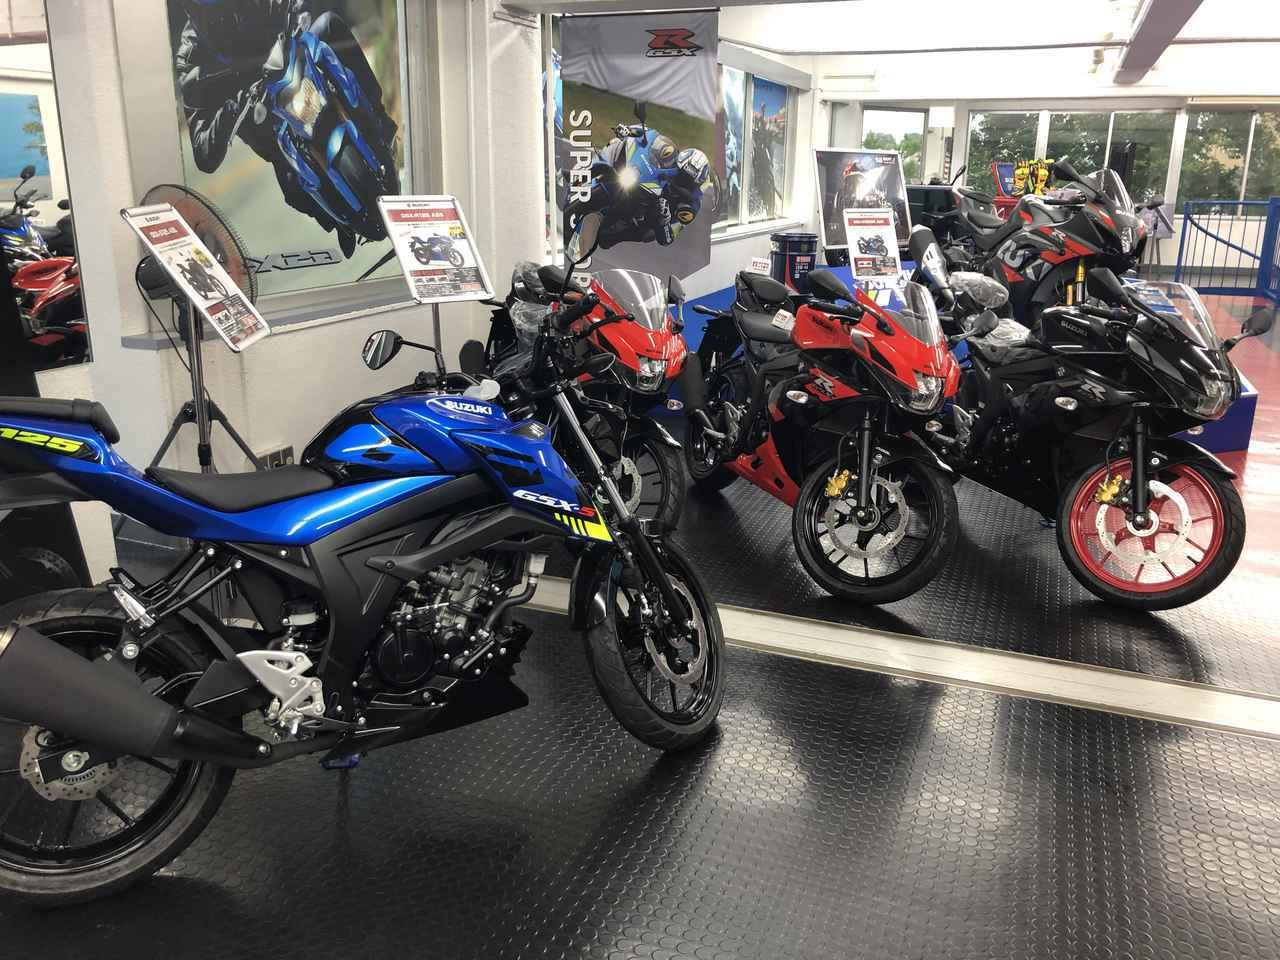 画像1: バイク選びは『どのお店で購入するか』も大事です